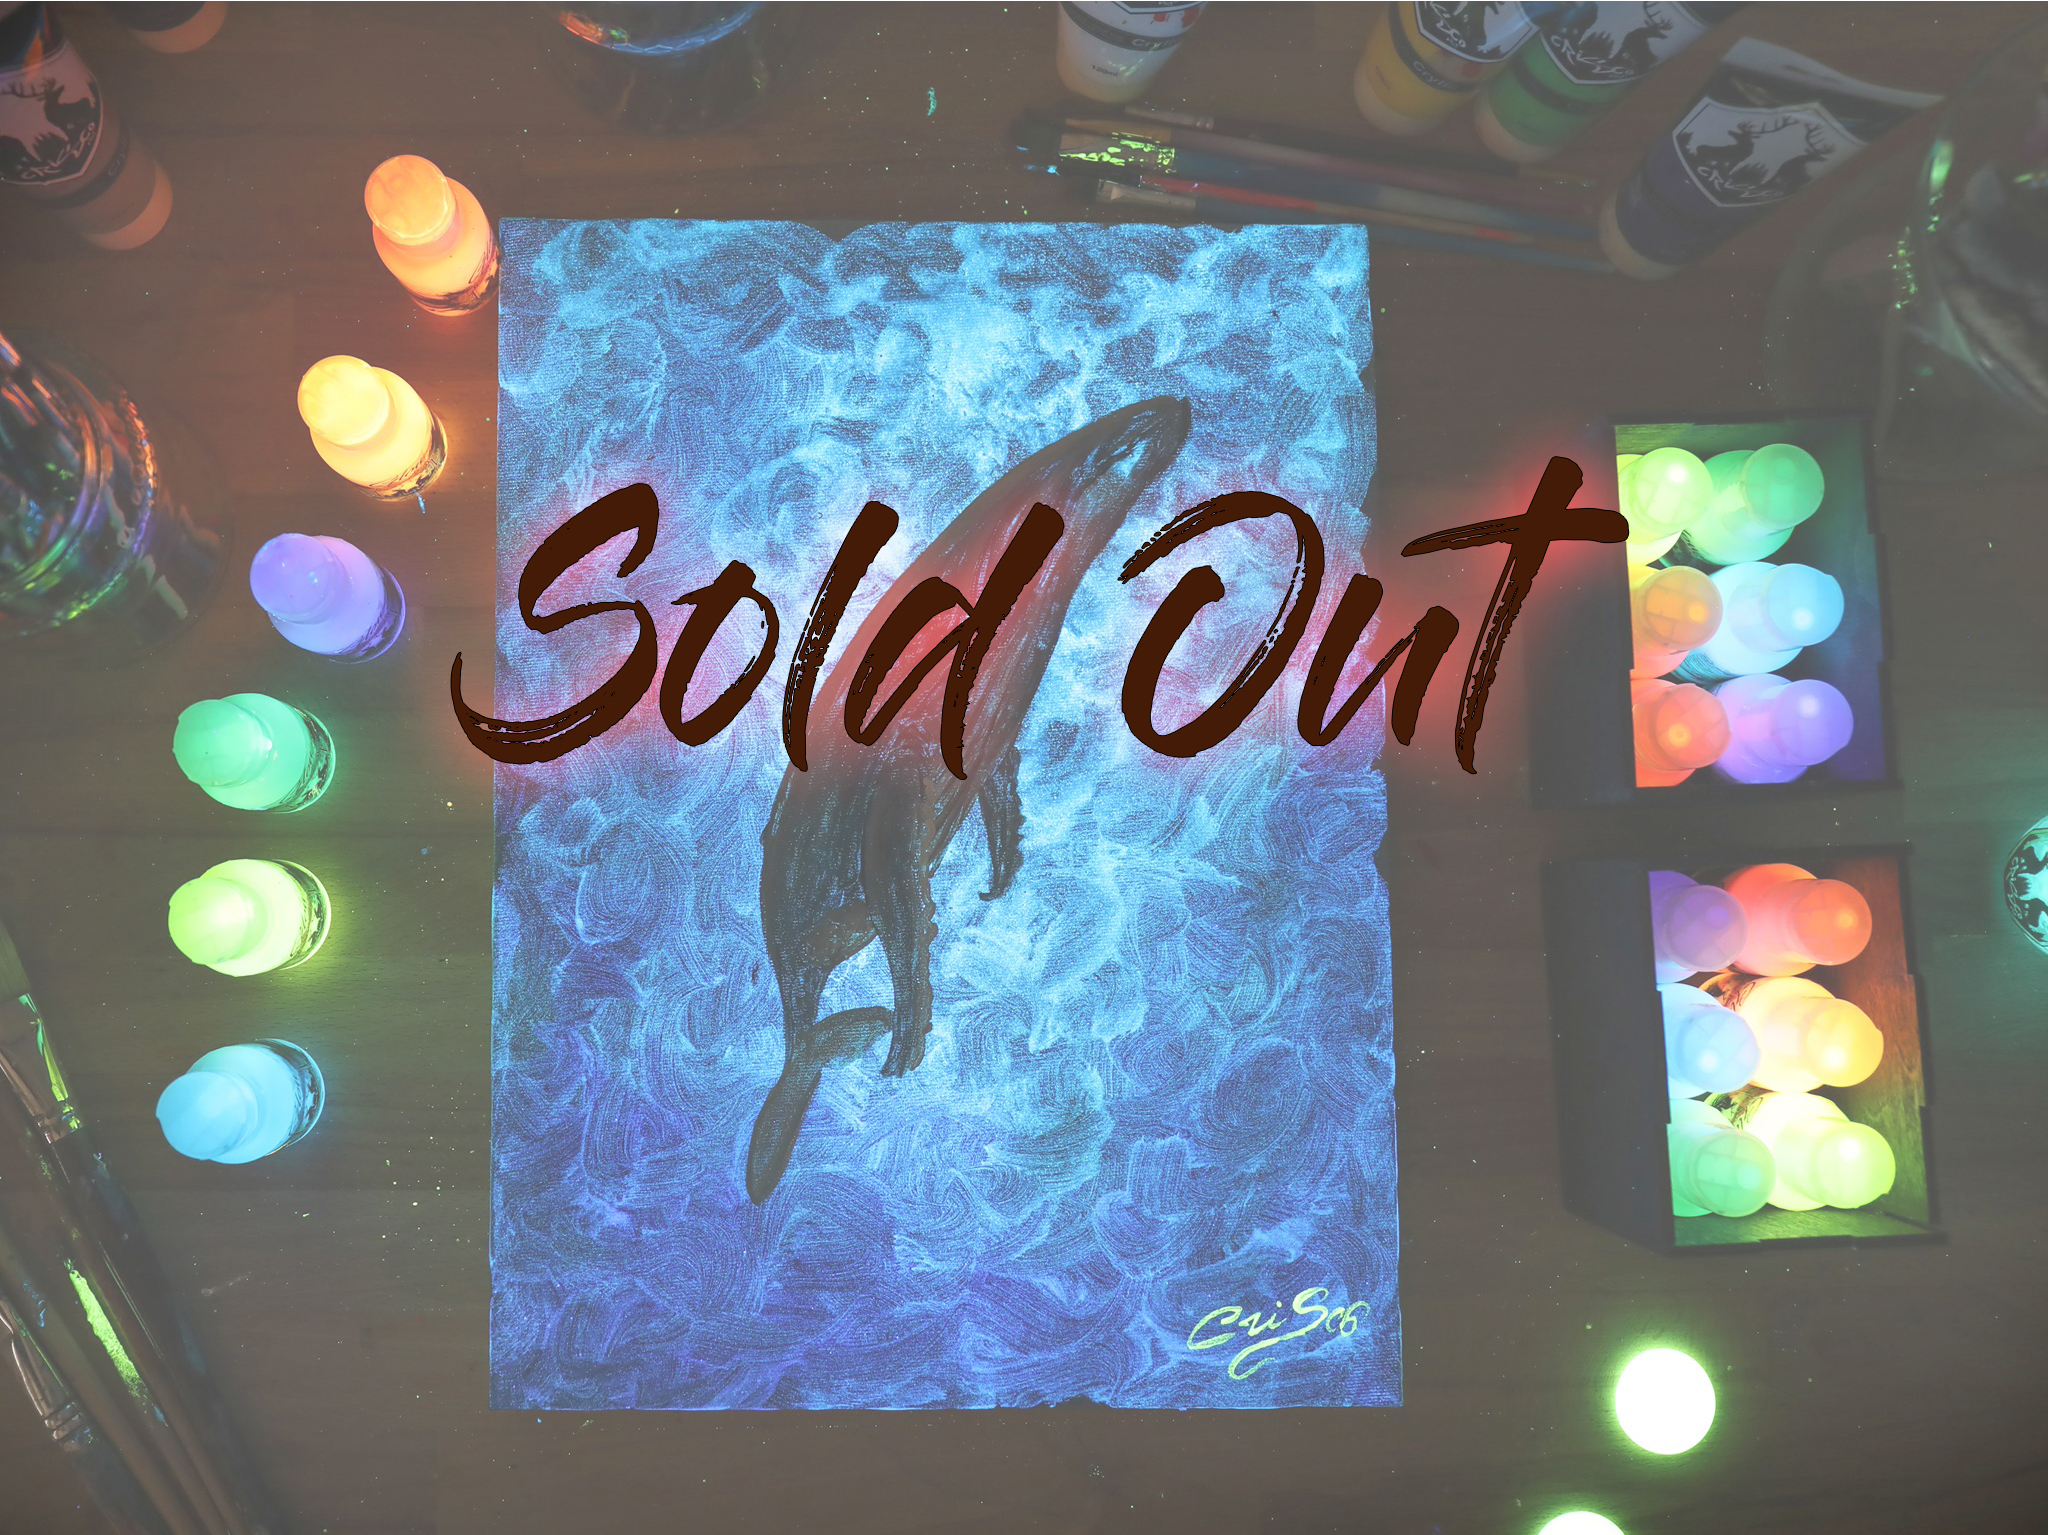 sold out filexxxxx